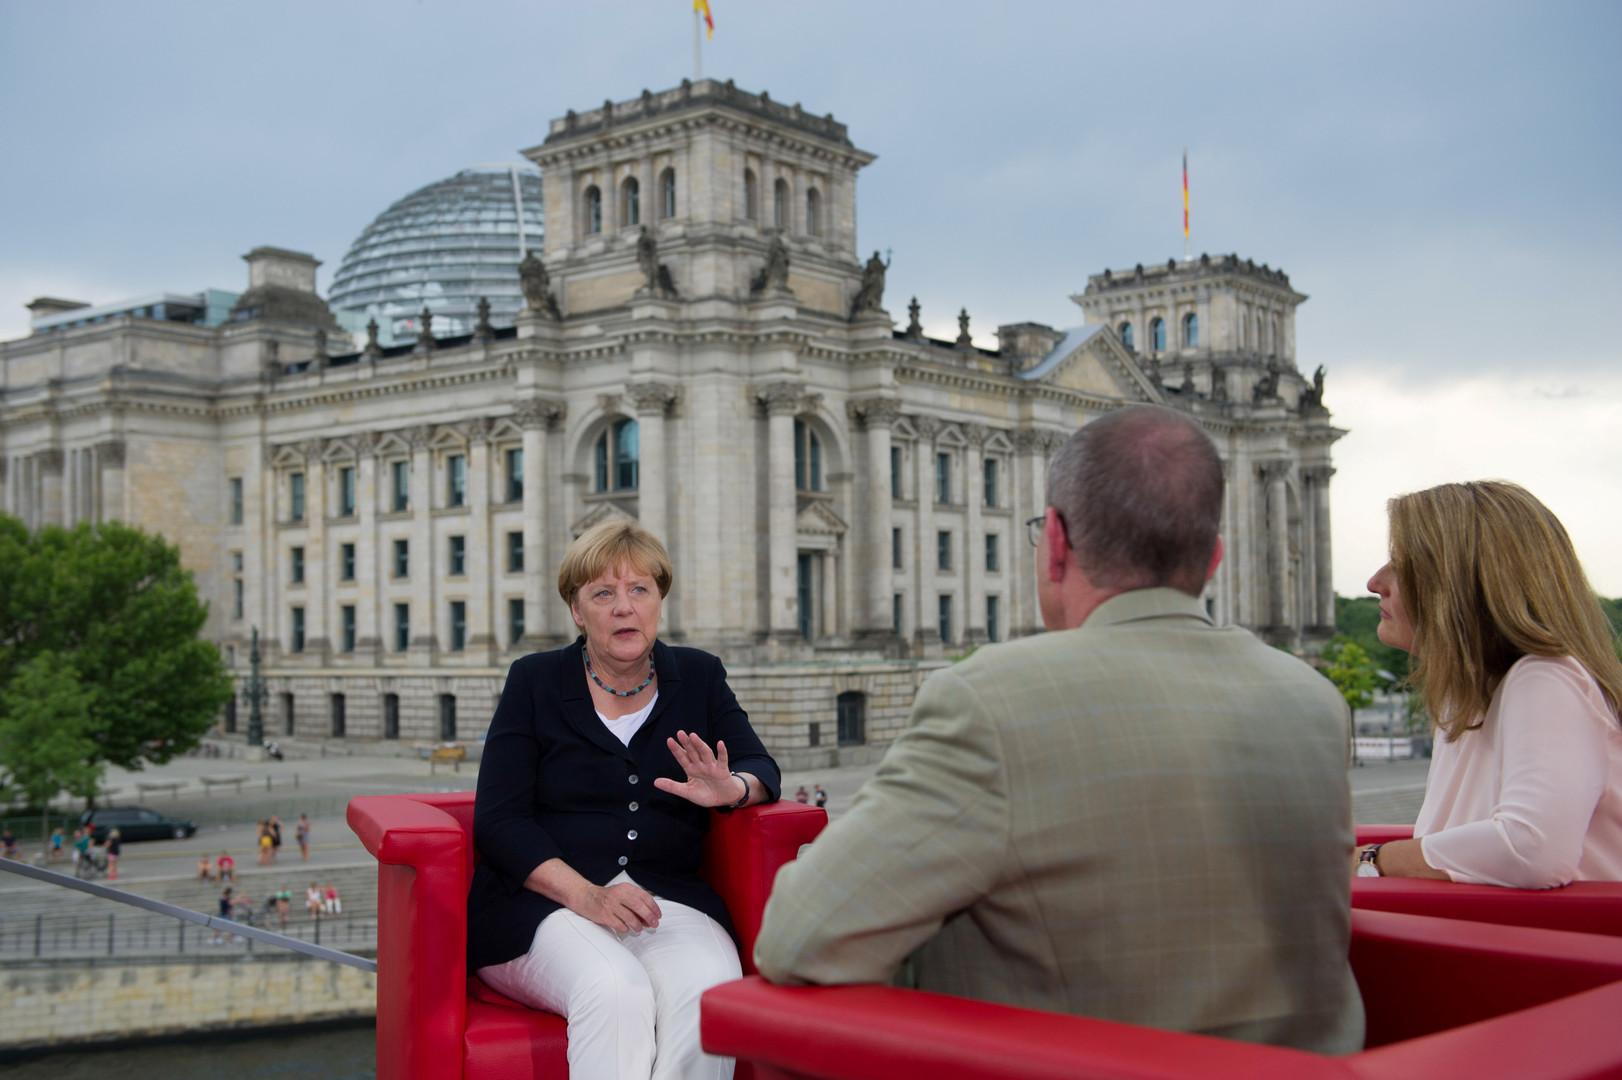 Меркель: Ещё рано снимать санкции с России, но вопрос может оказатьсяна повестке дня